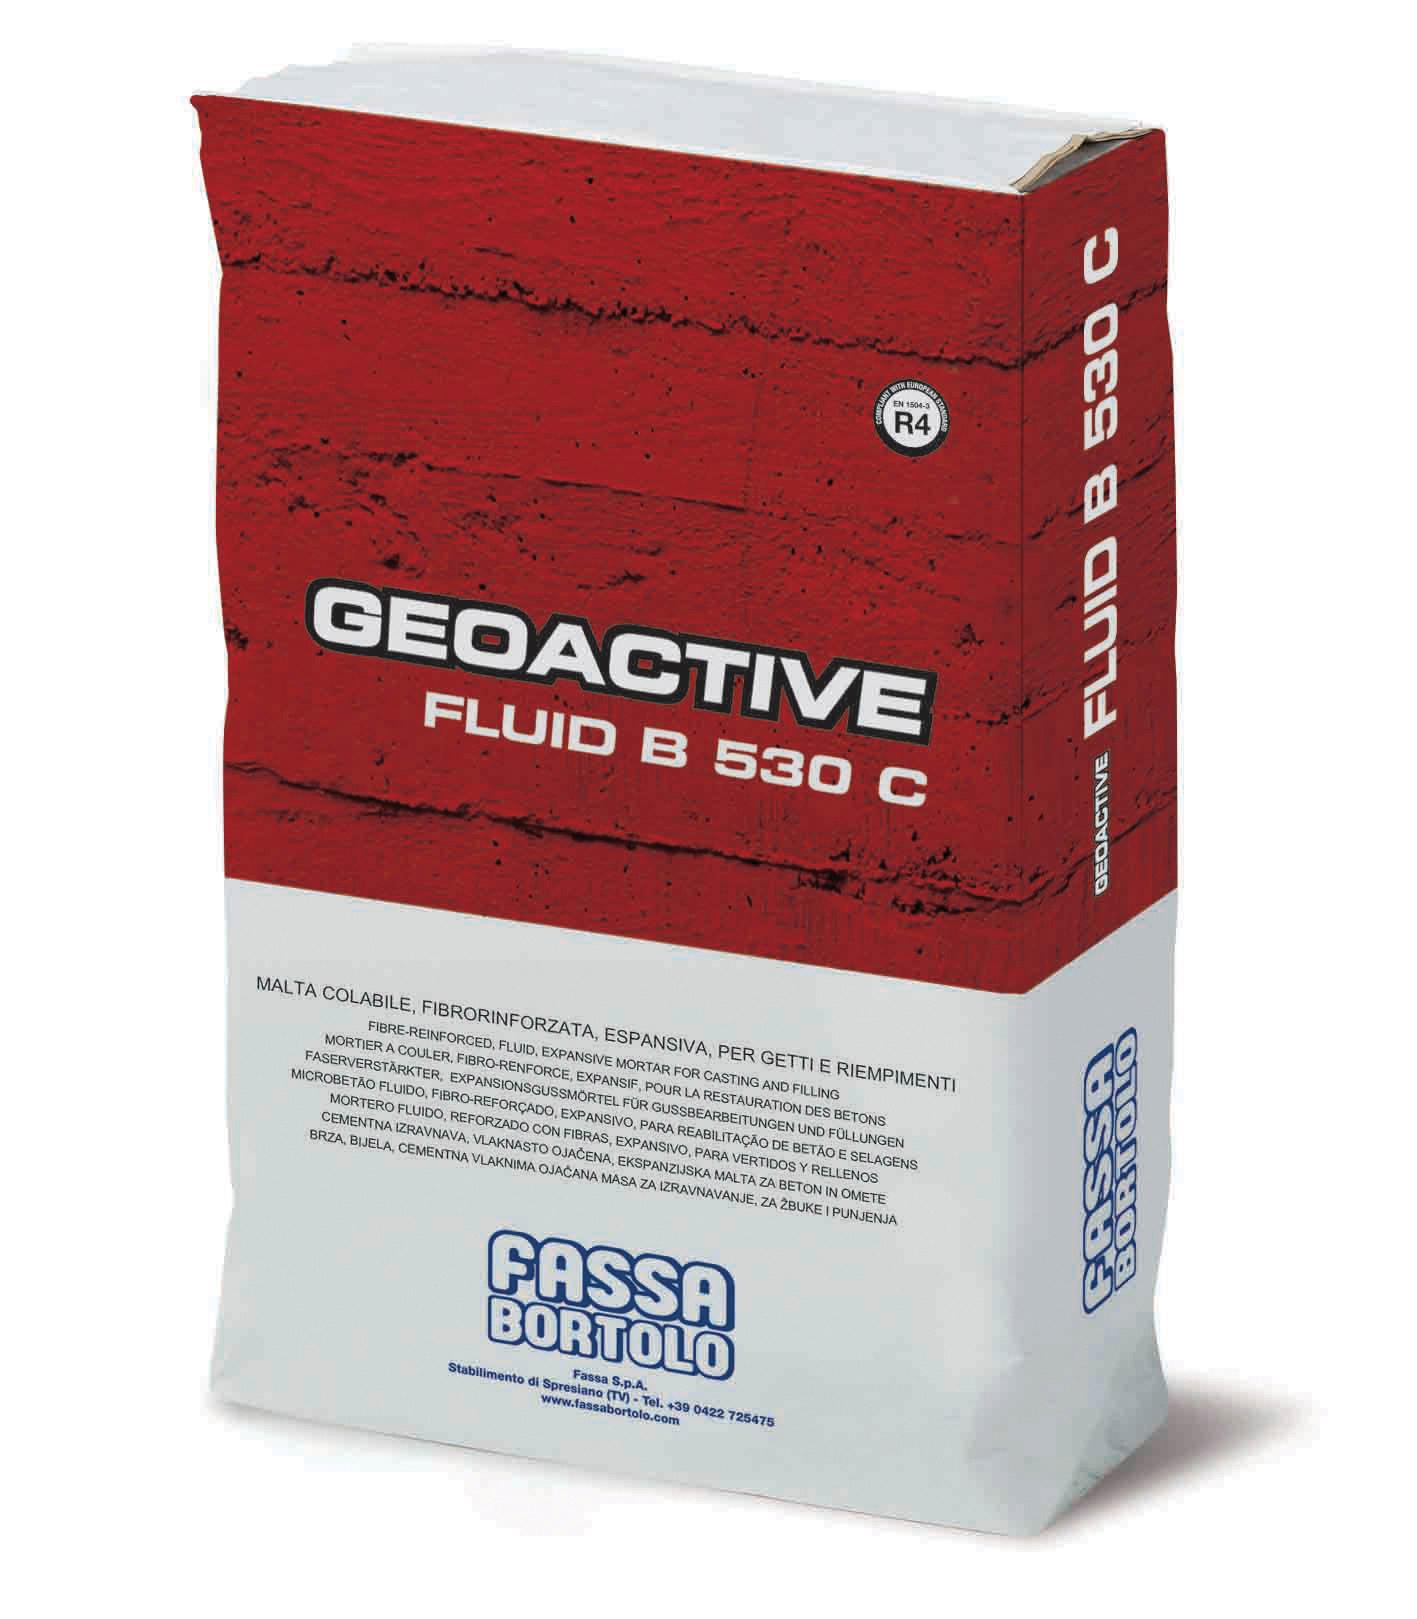 GEOACTIVE FLUID B 530 C: Mortero cementoso con reología controlable de fluida a superfluida, expansivo, con elevadas prestaciones mecánicas, para la reparación y el refuerzo de estructuras de hormigón armado y para anclajes de precisión de máquinas y estructuras metálicas